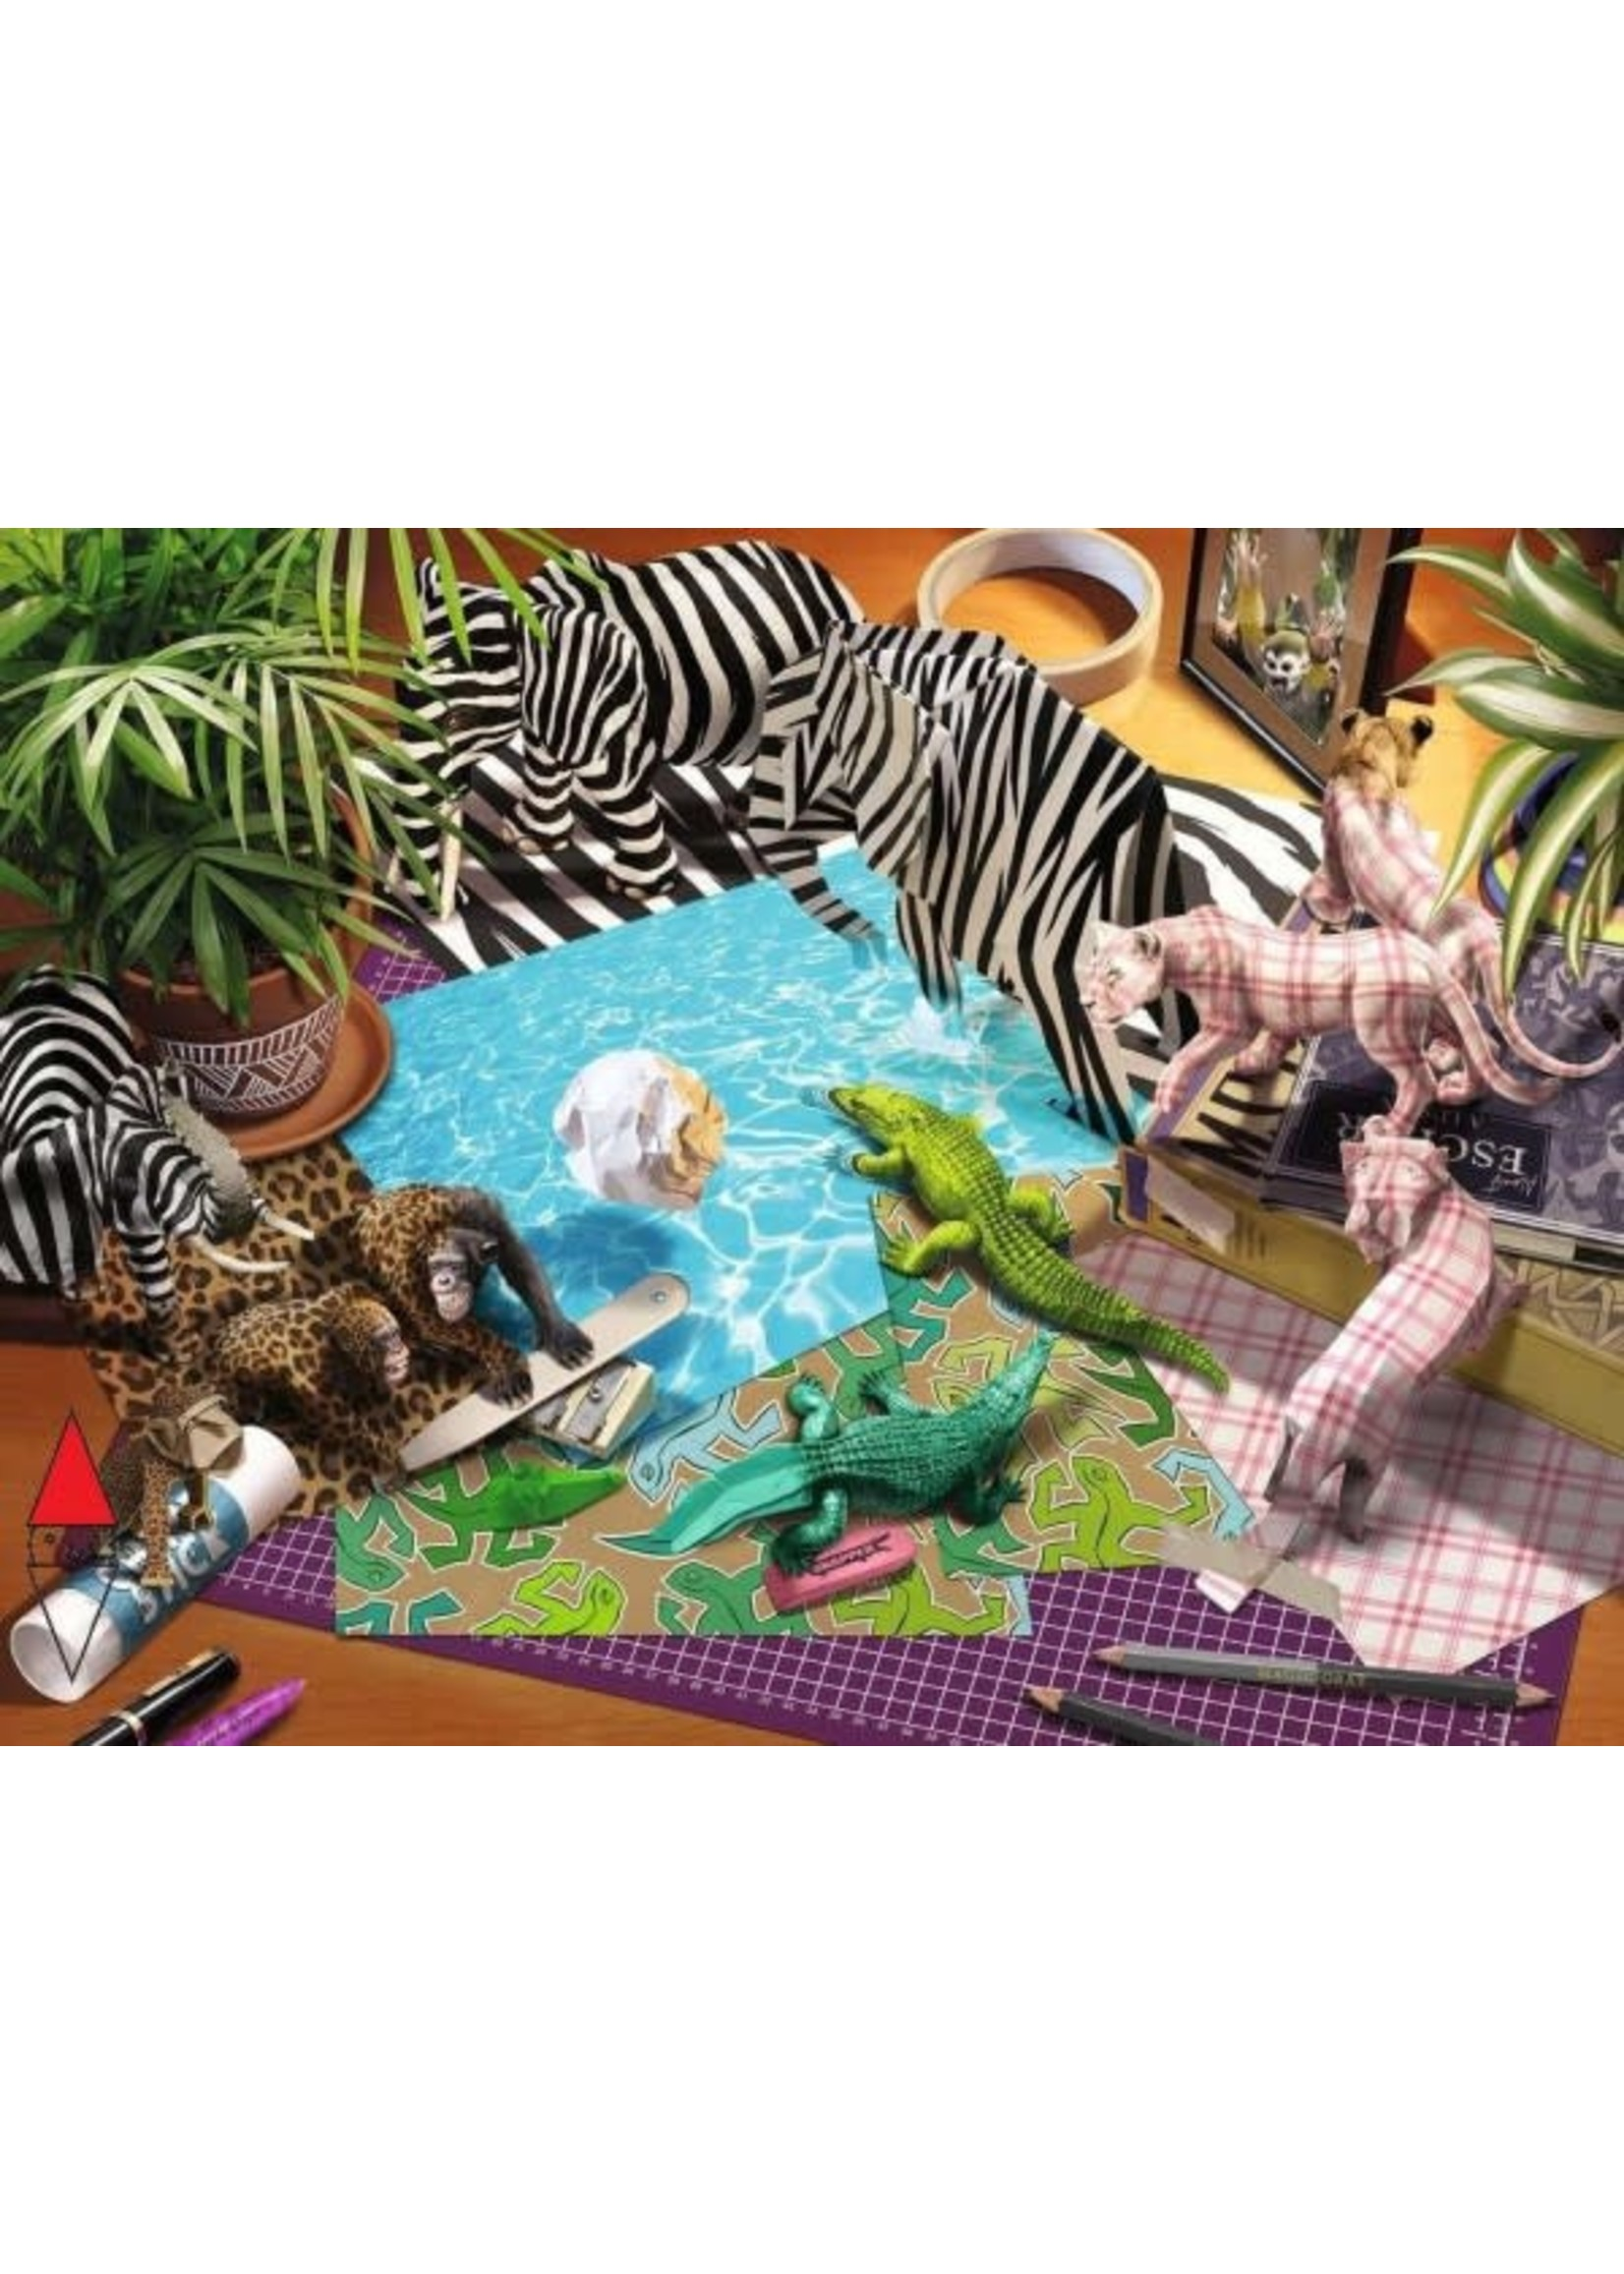 Ravensburger 1500pc puzzle Origami Adventure